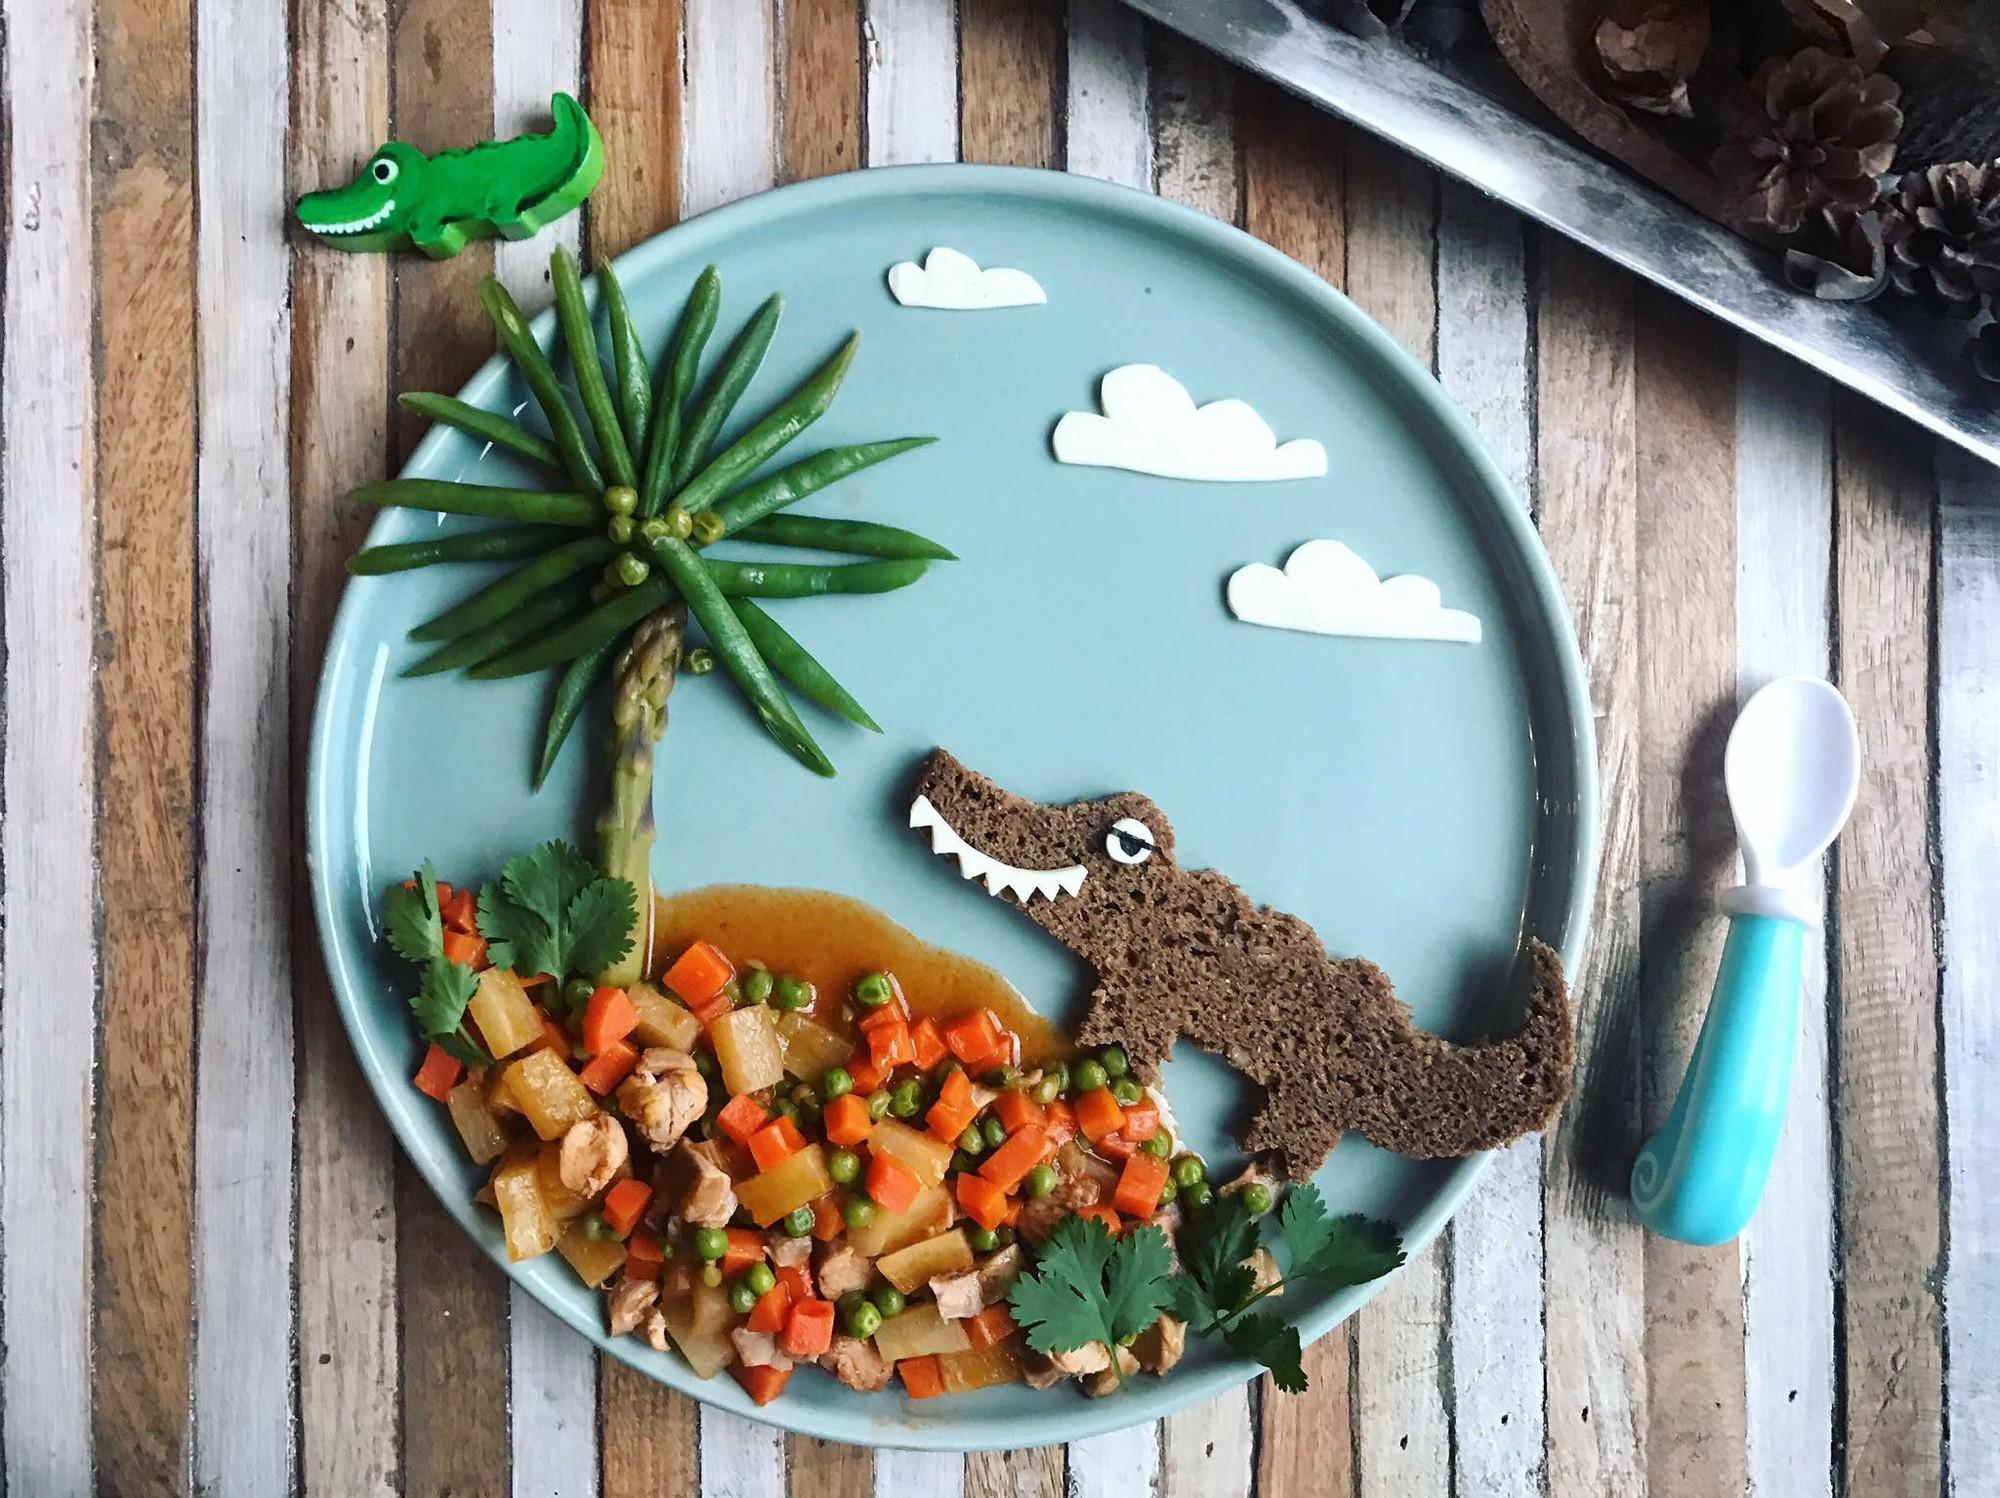 Chùm ảnh: Bà mẹ trẻ mỗi ngày vẽ một bức tranh bằng thức ăn cho con, không ngày nào bị lặp ý tưởng mới tài - Ảnh 23.